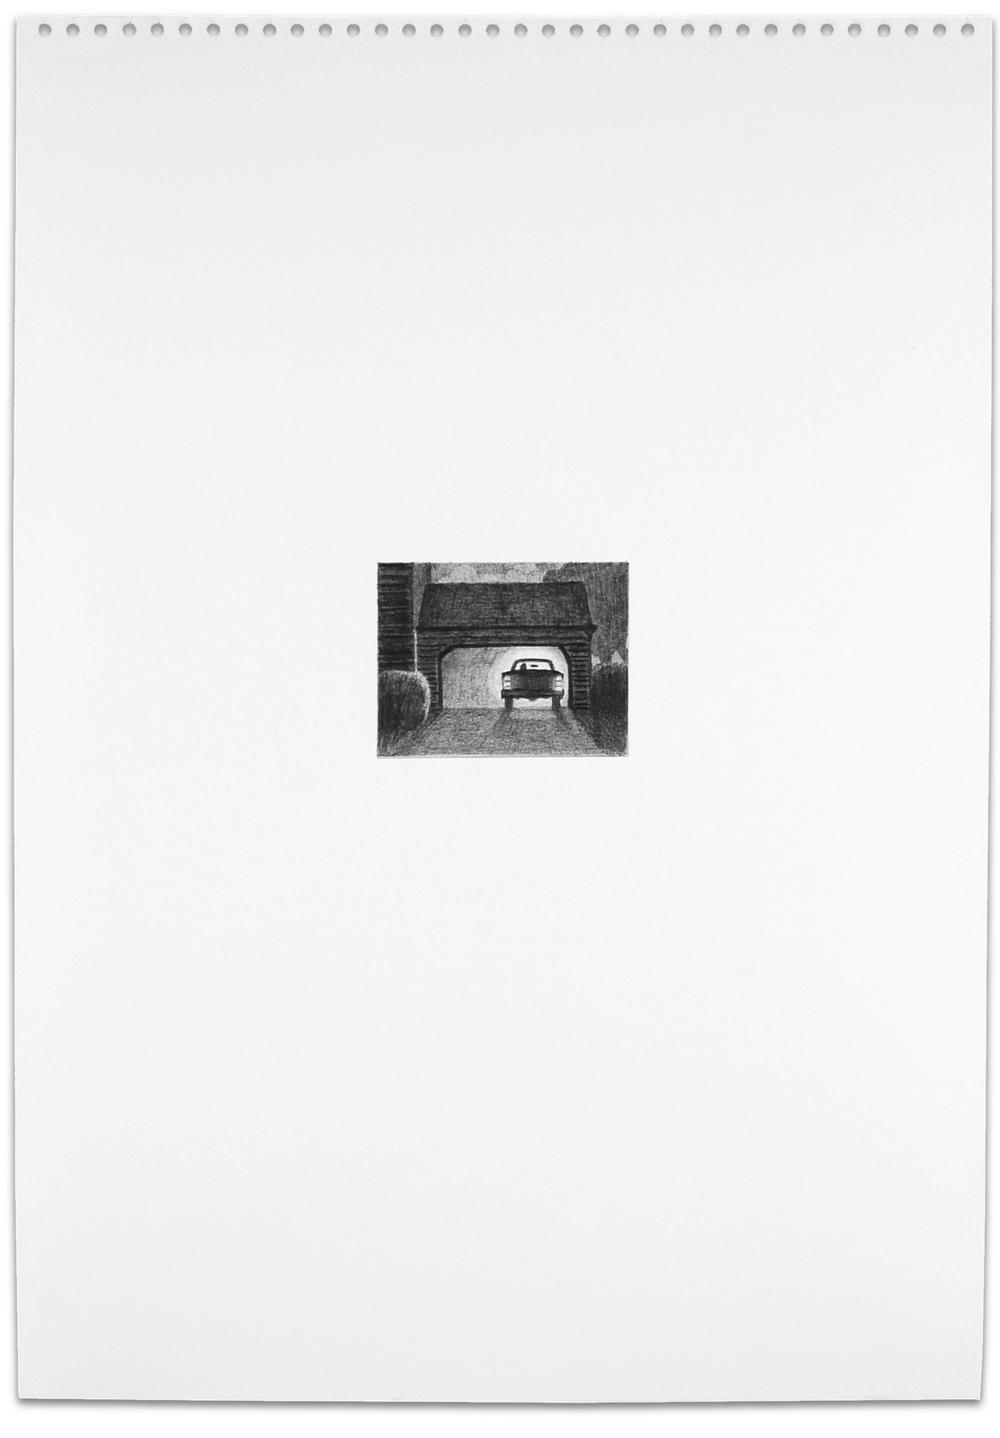 Secret (garage), 2013, 16.5 x 11.5, graphite on paper